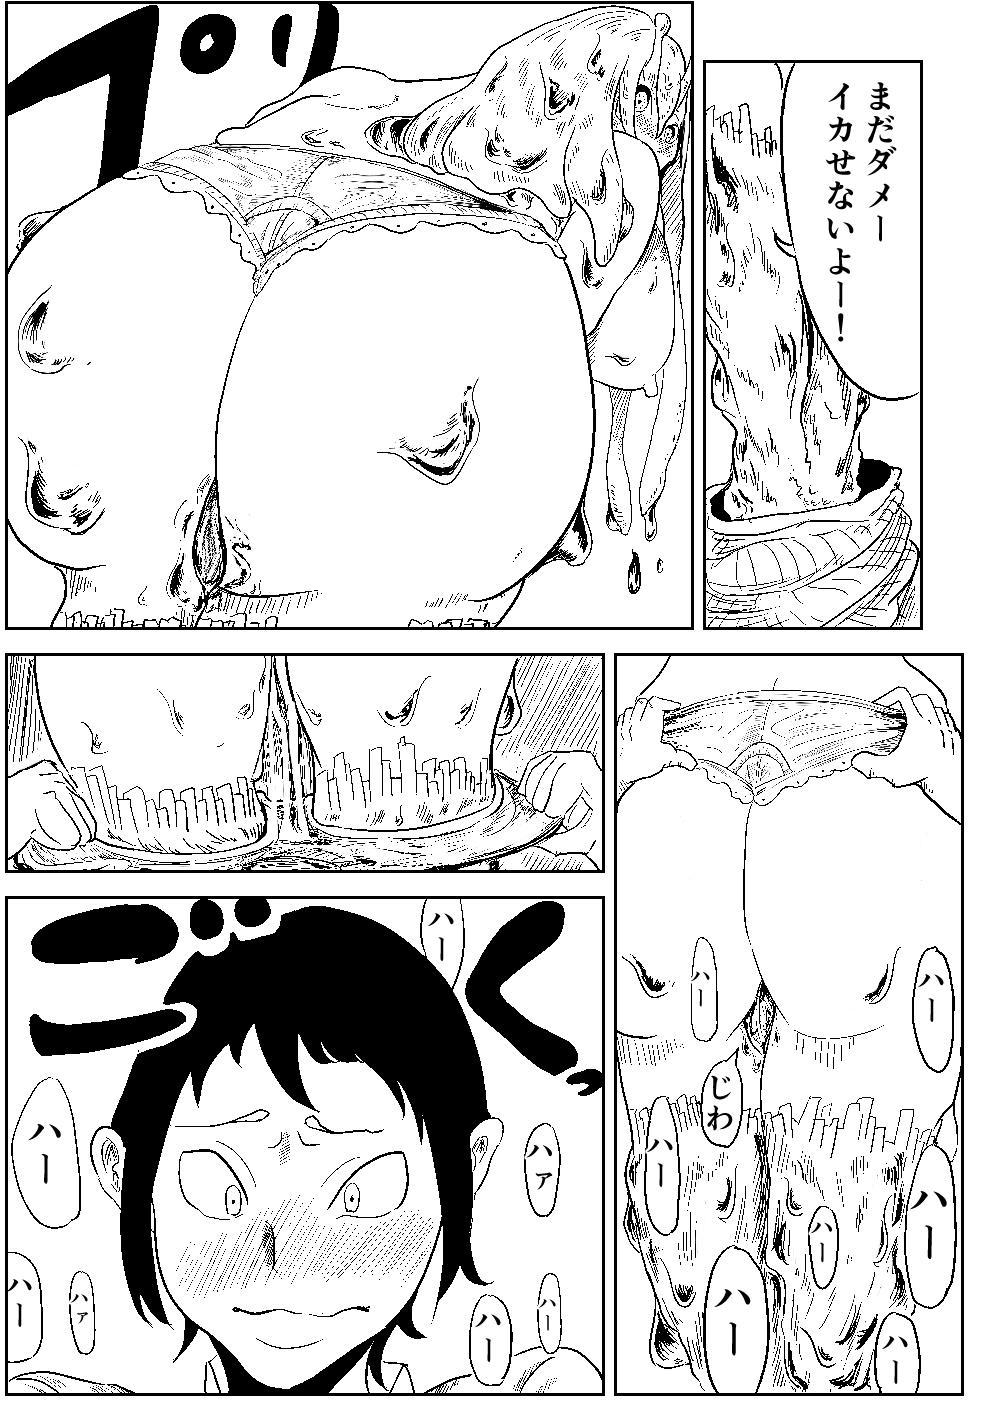 Namekuji no Ongaeshi 18